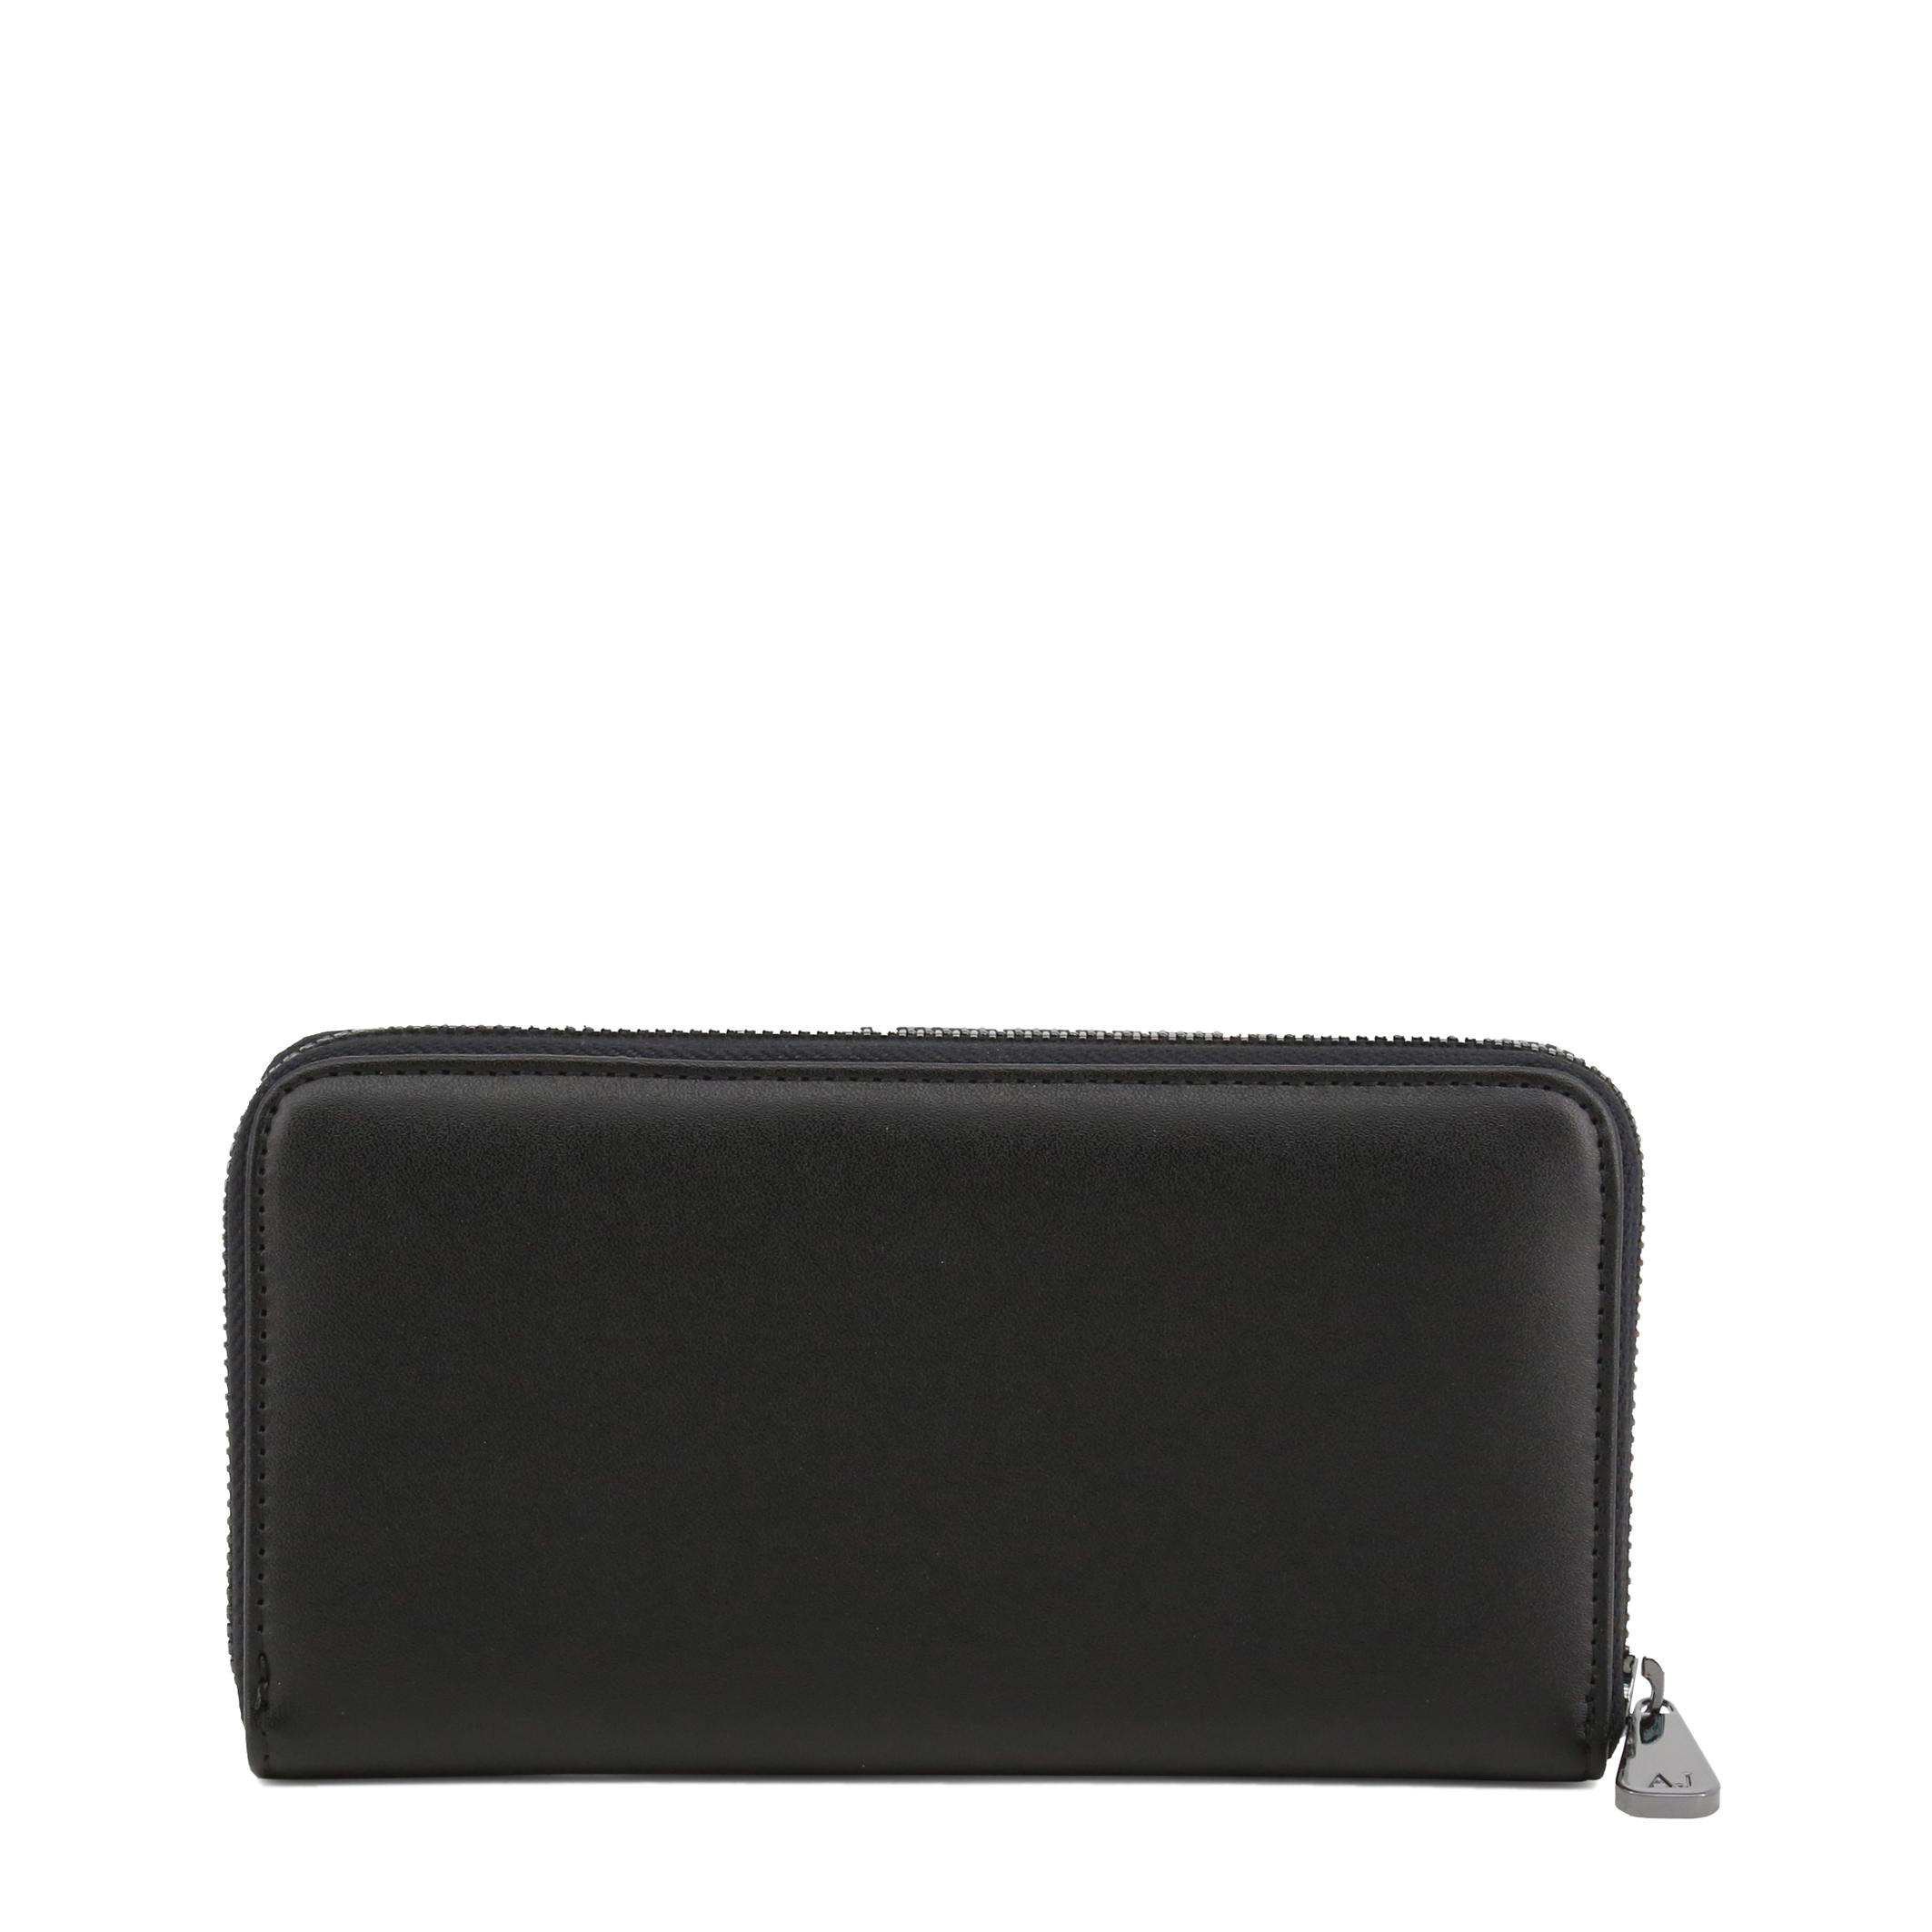 Portefeuilles / Porte-monnaie  Armani jeans 928088_CD757 black